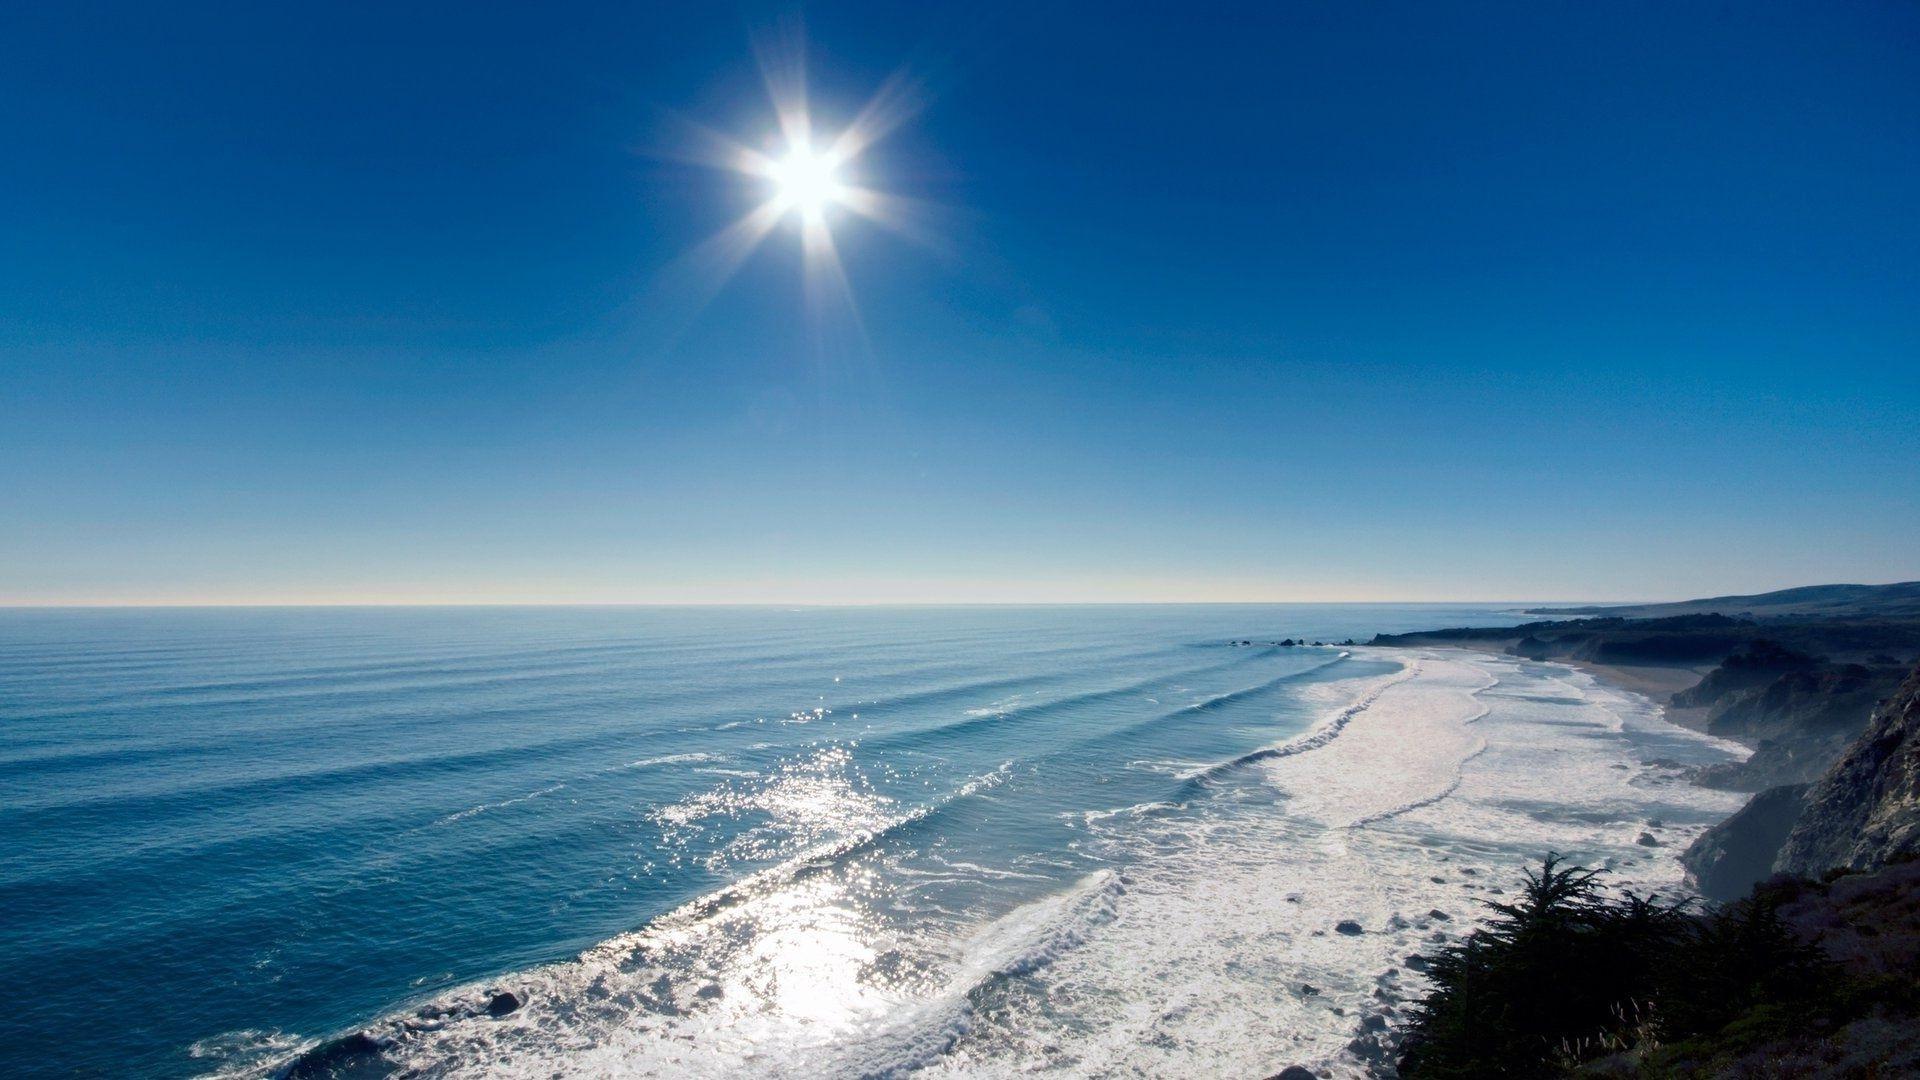 море пляж небо солнце в хорошем качестве